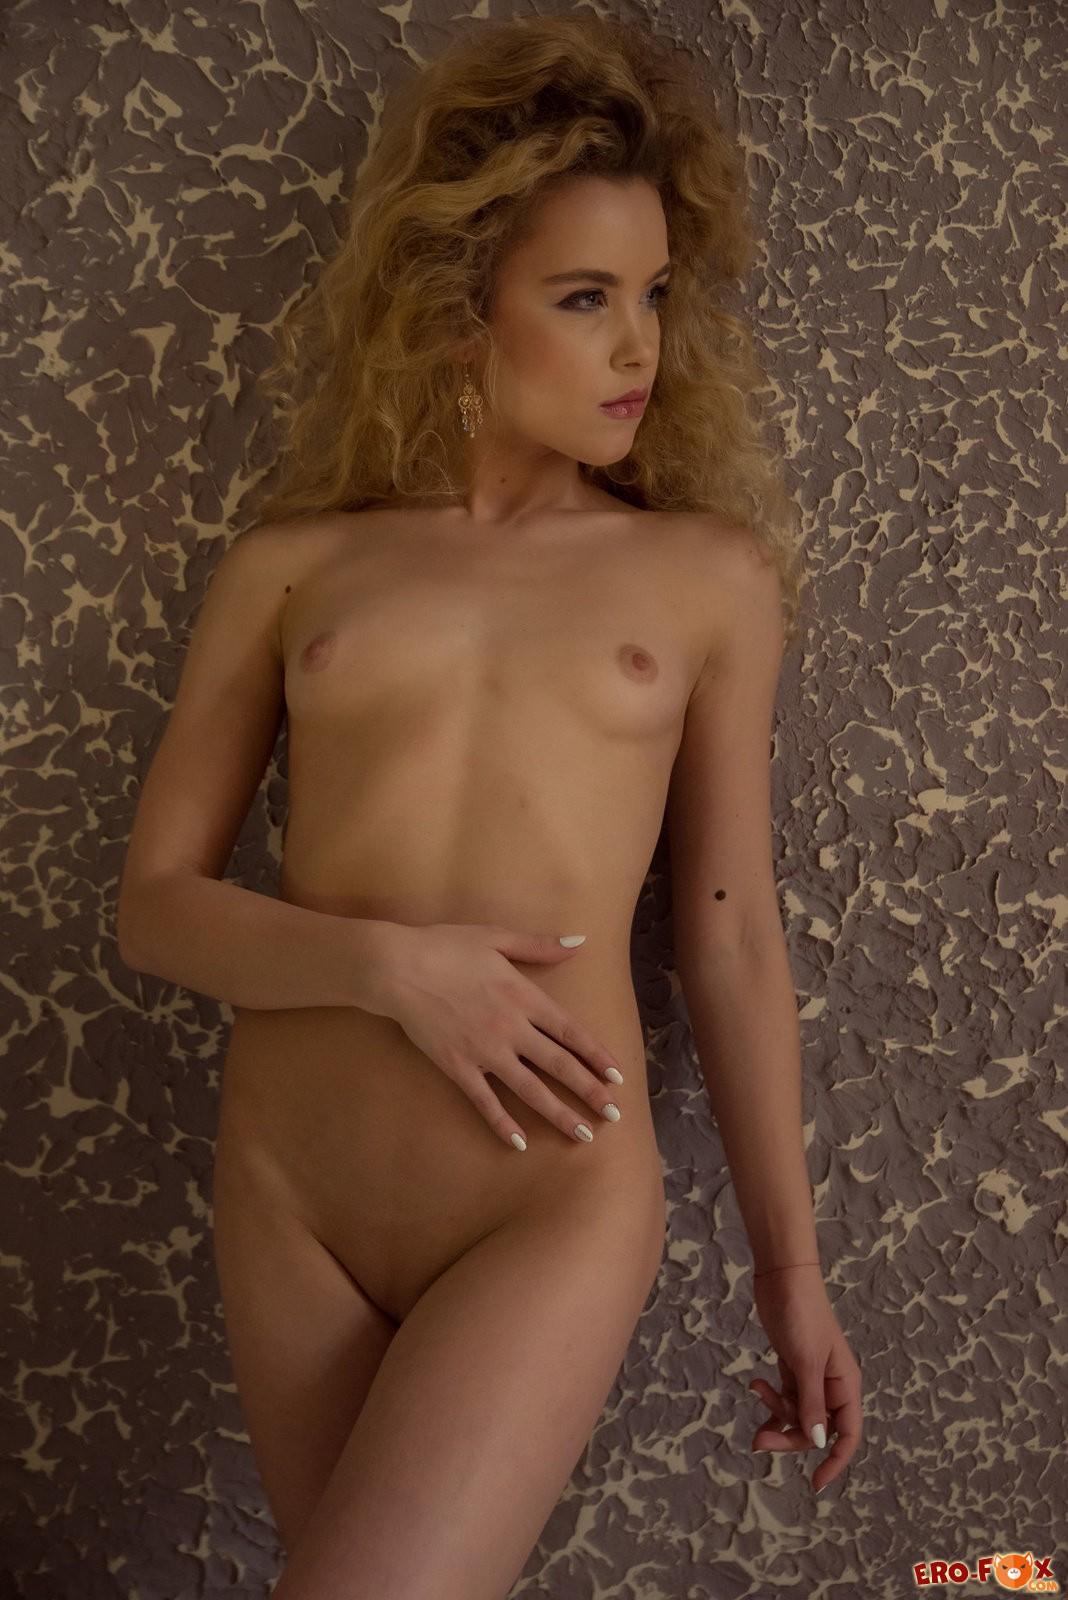 Кудрявая голая девушка в номере мотеля